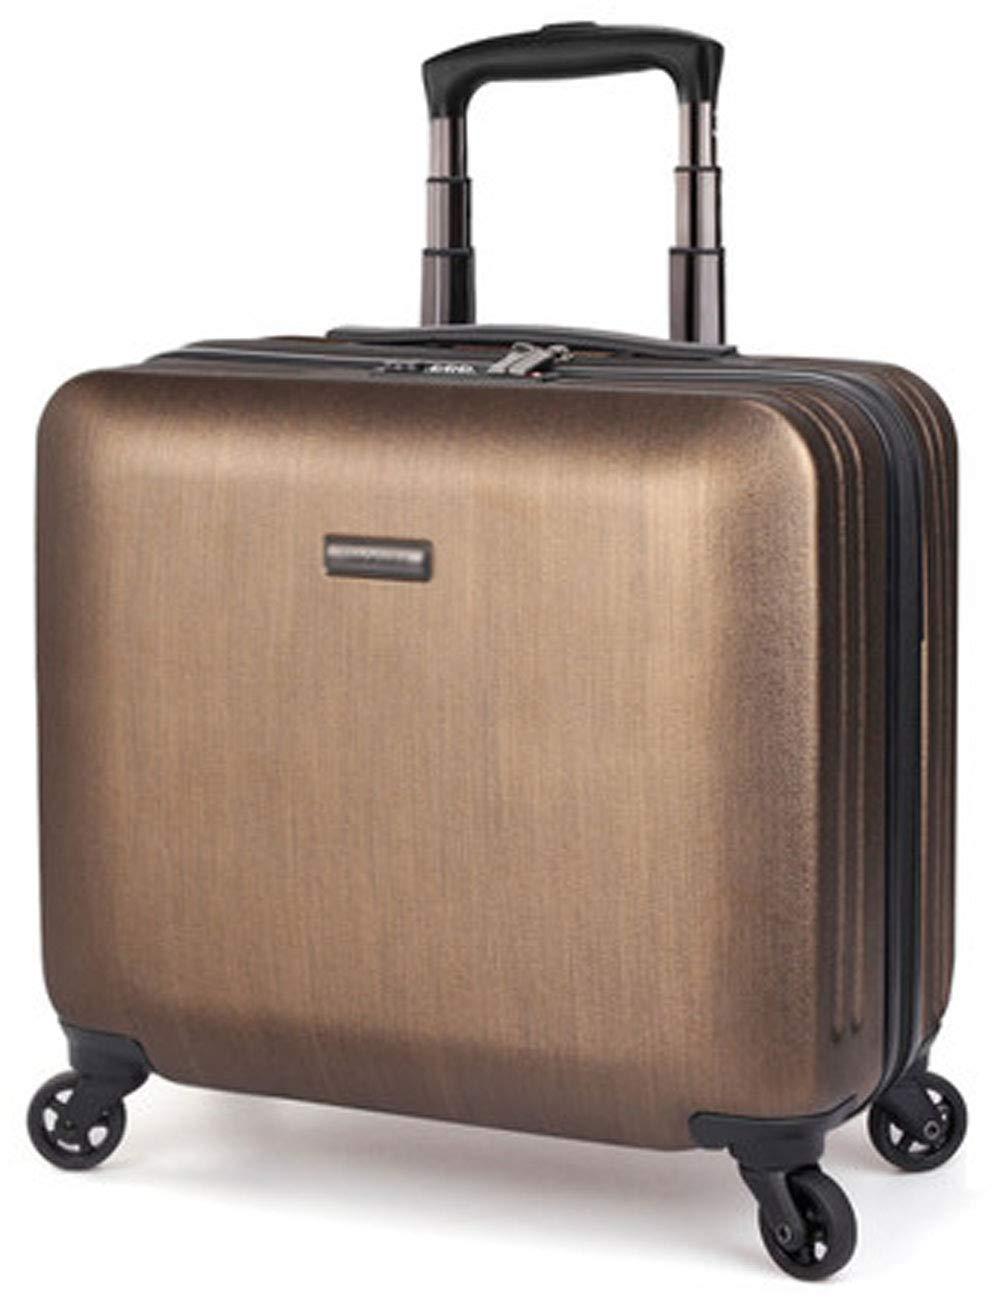 ビジネス超軽量PCハードケース、取り外し可能なコンピュータバッグ、サイレントローラー、搭乗フライトケース42.5cm * 22.5cm * 35.5cm (色 : ゴールド)   B07GSX7HX2